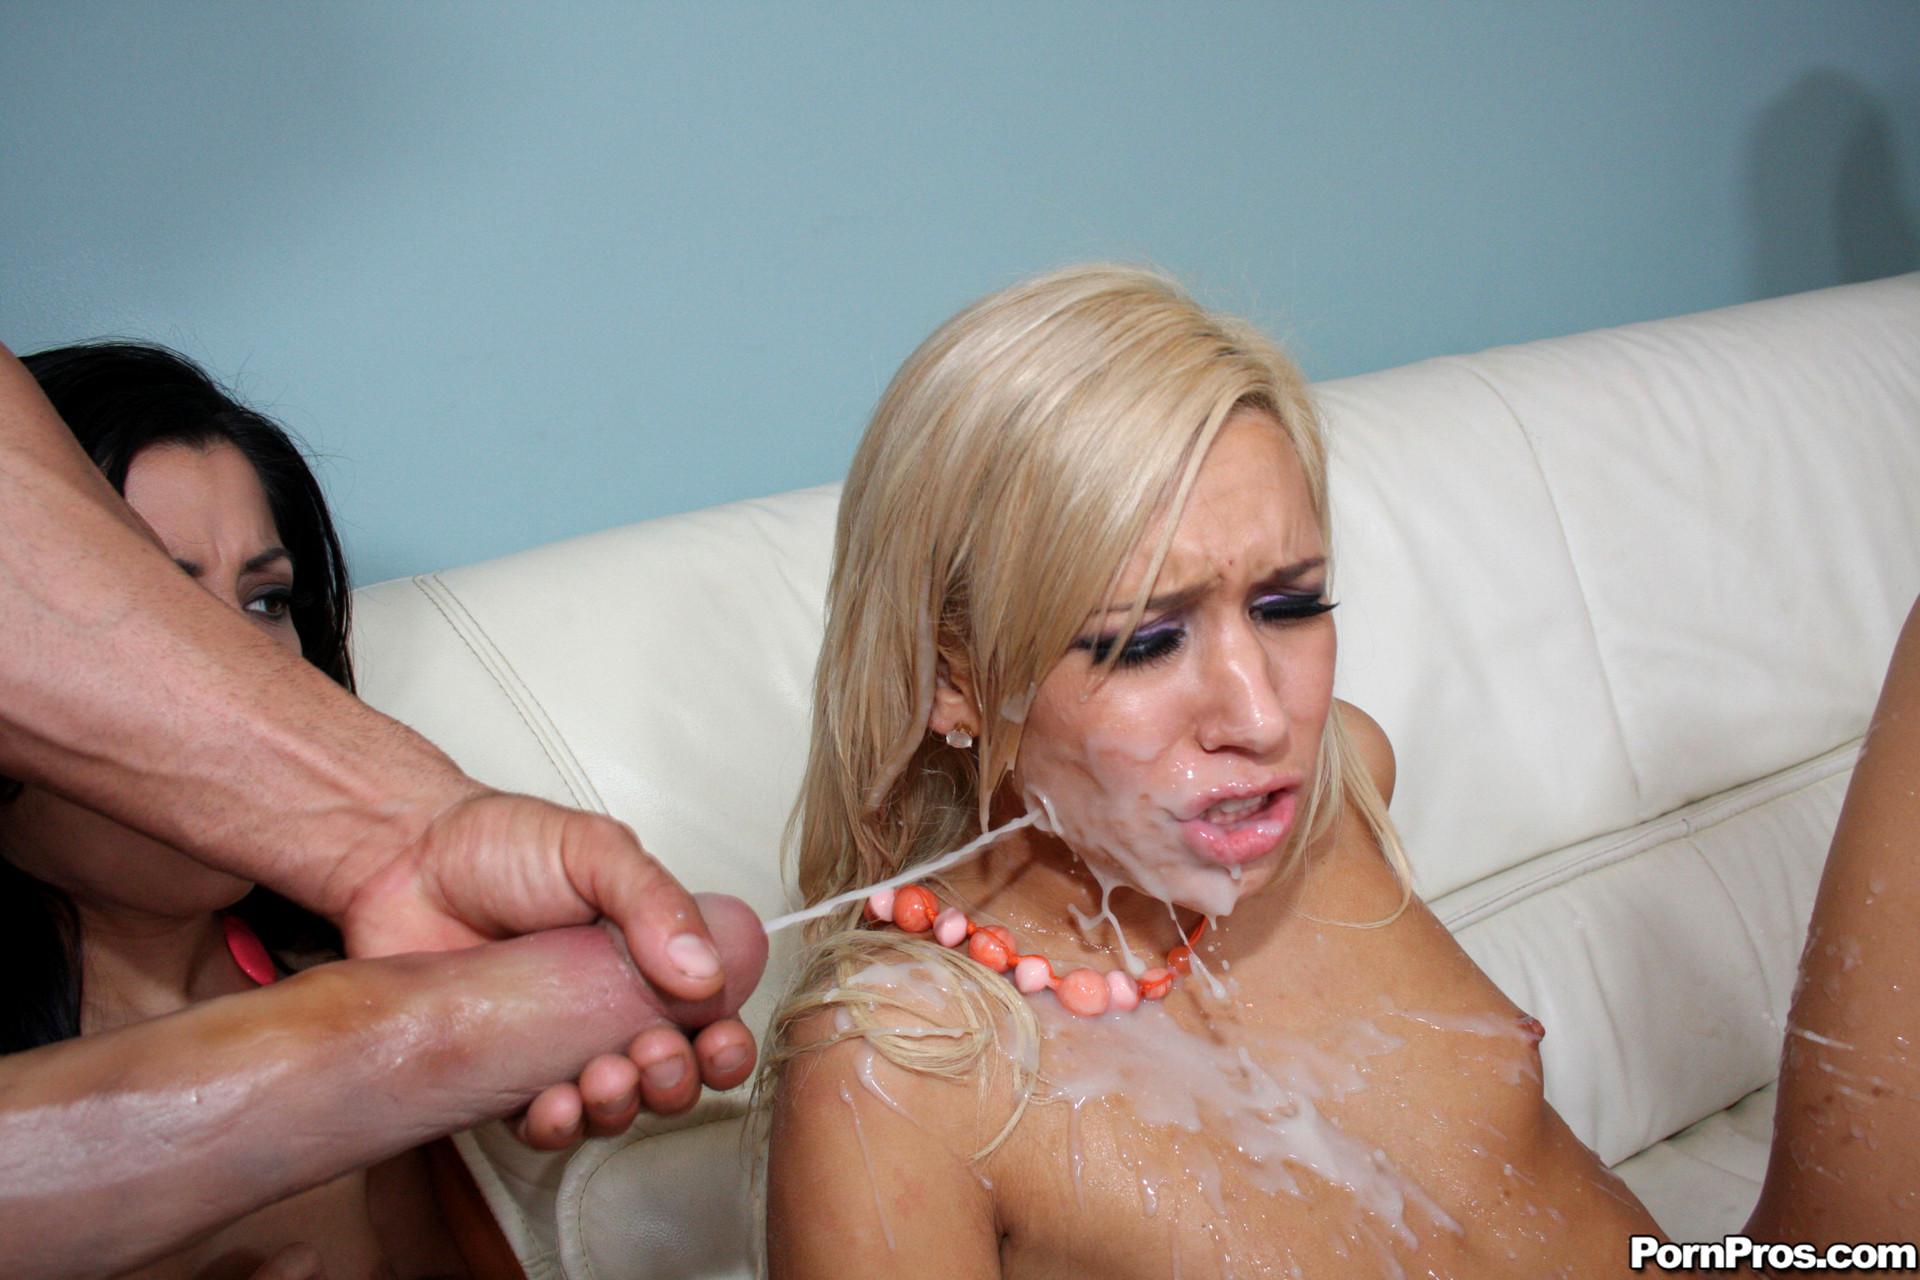 Негр поливает спермой